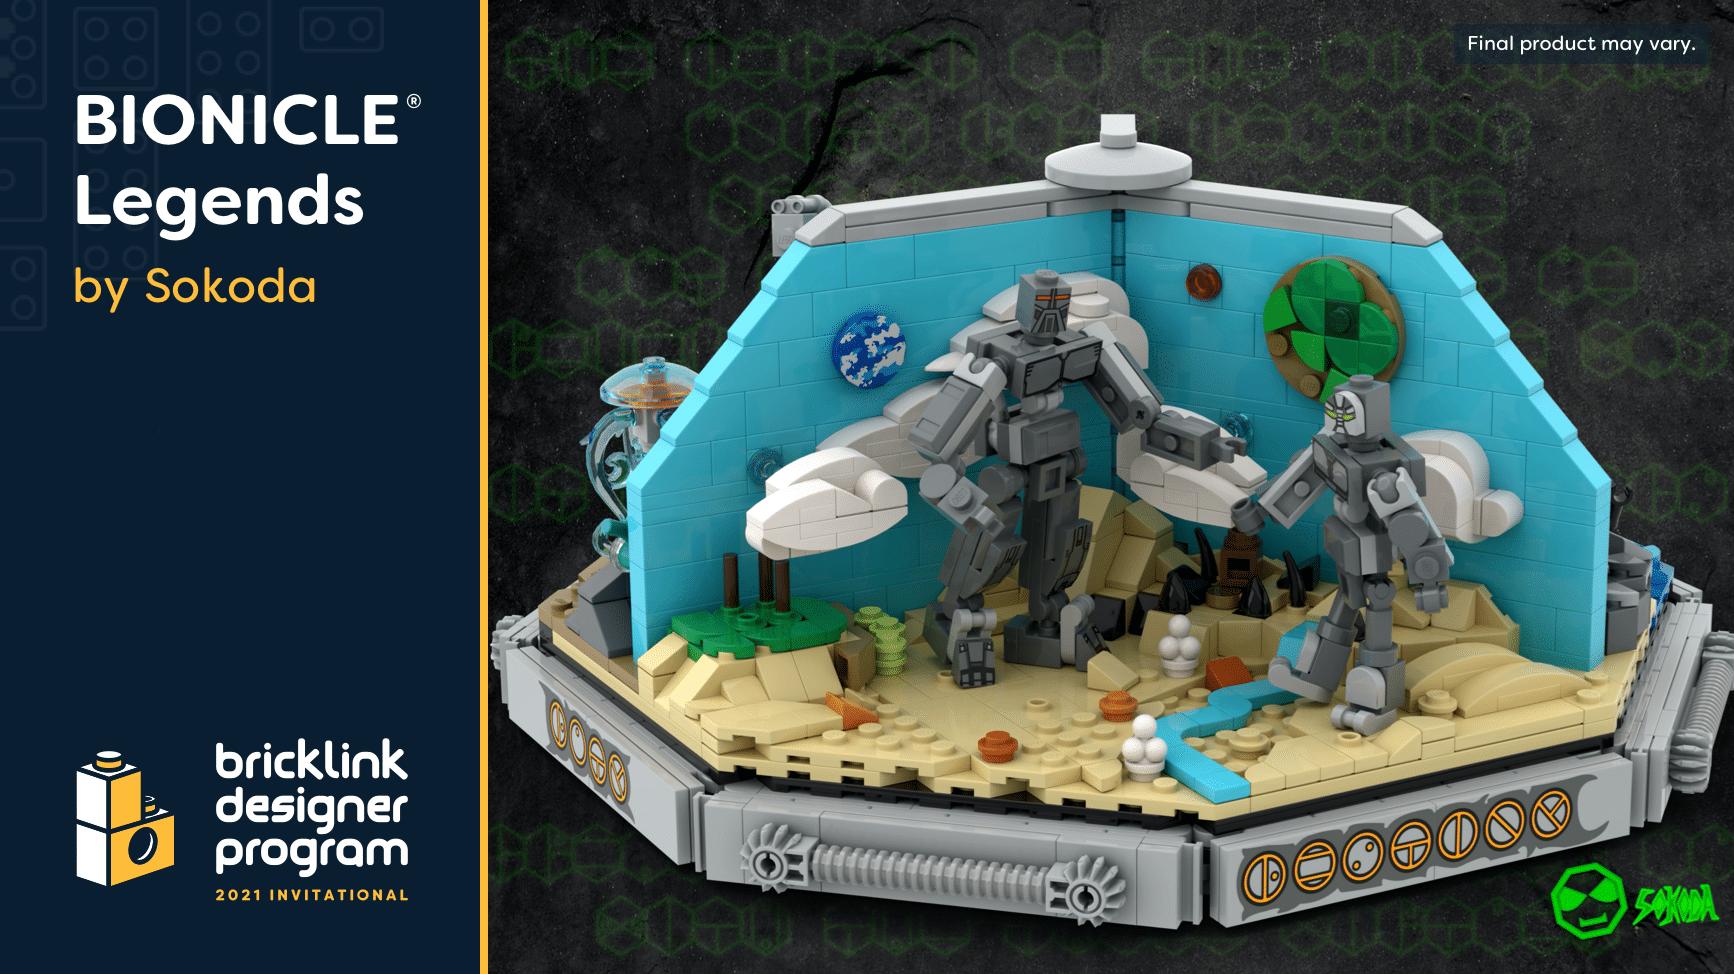 Bricklink Designer Program 2021 Bionicle Legends